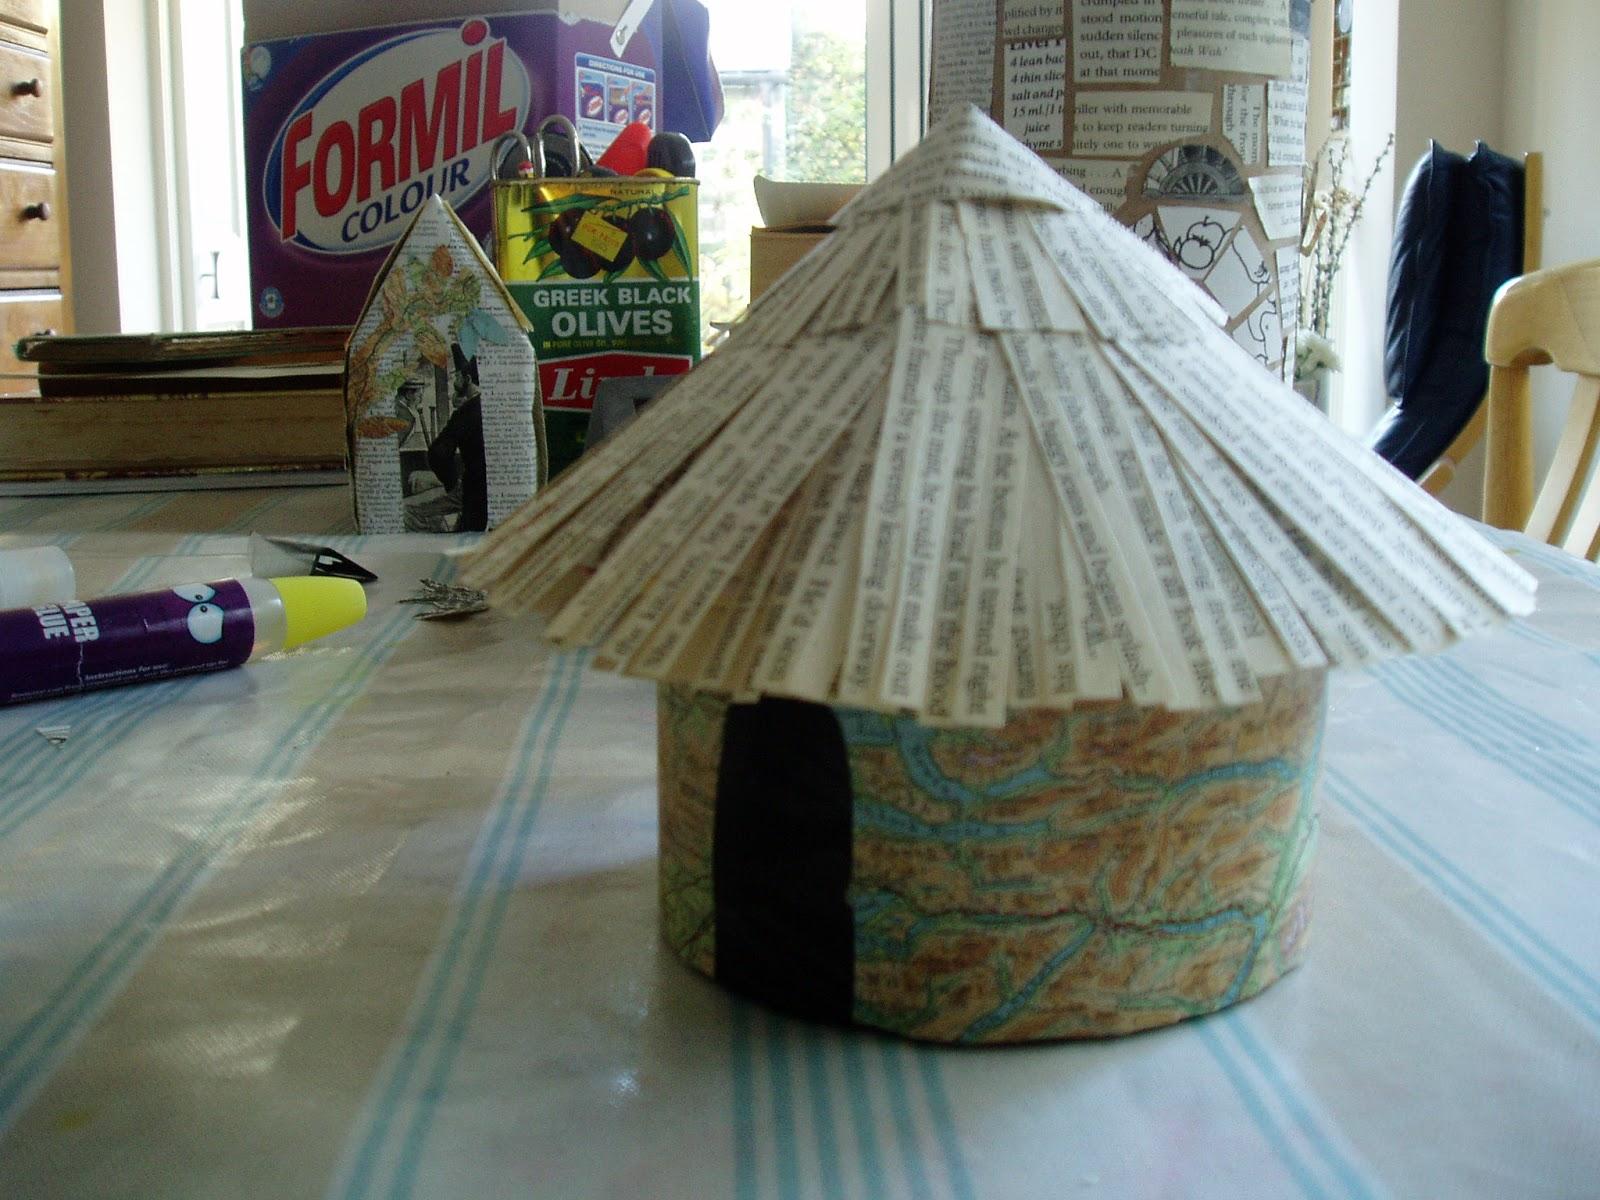 http://4.bp.blogspot.com/-kCRDCivEgWY/UJ_EIY10pAI/AAAAAAAABdg/5iUZgPb1Y5U/s1600/paper+hut.JPG